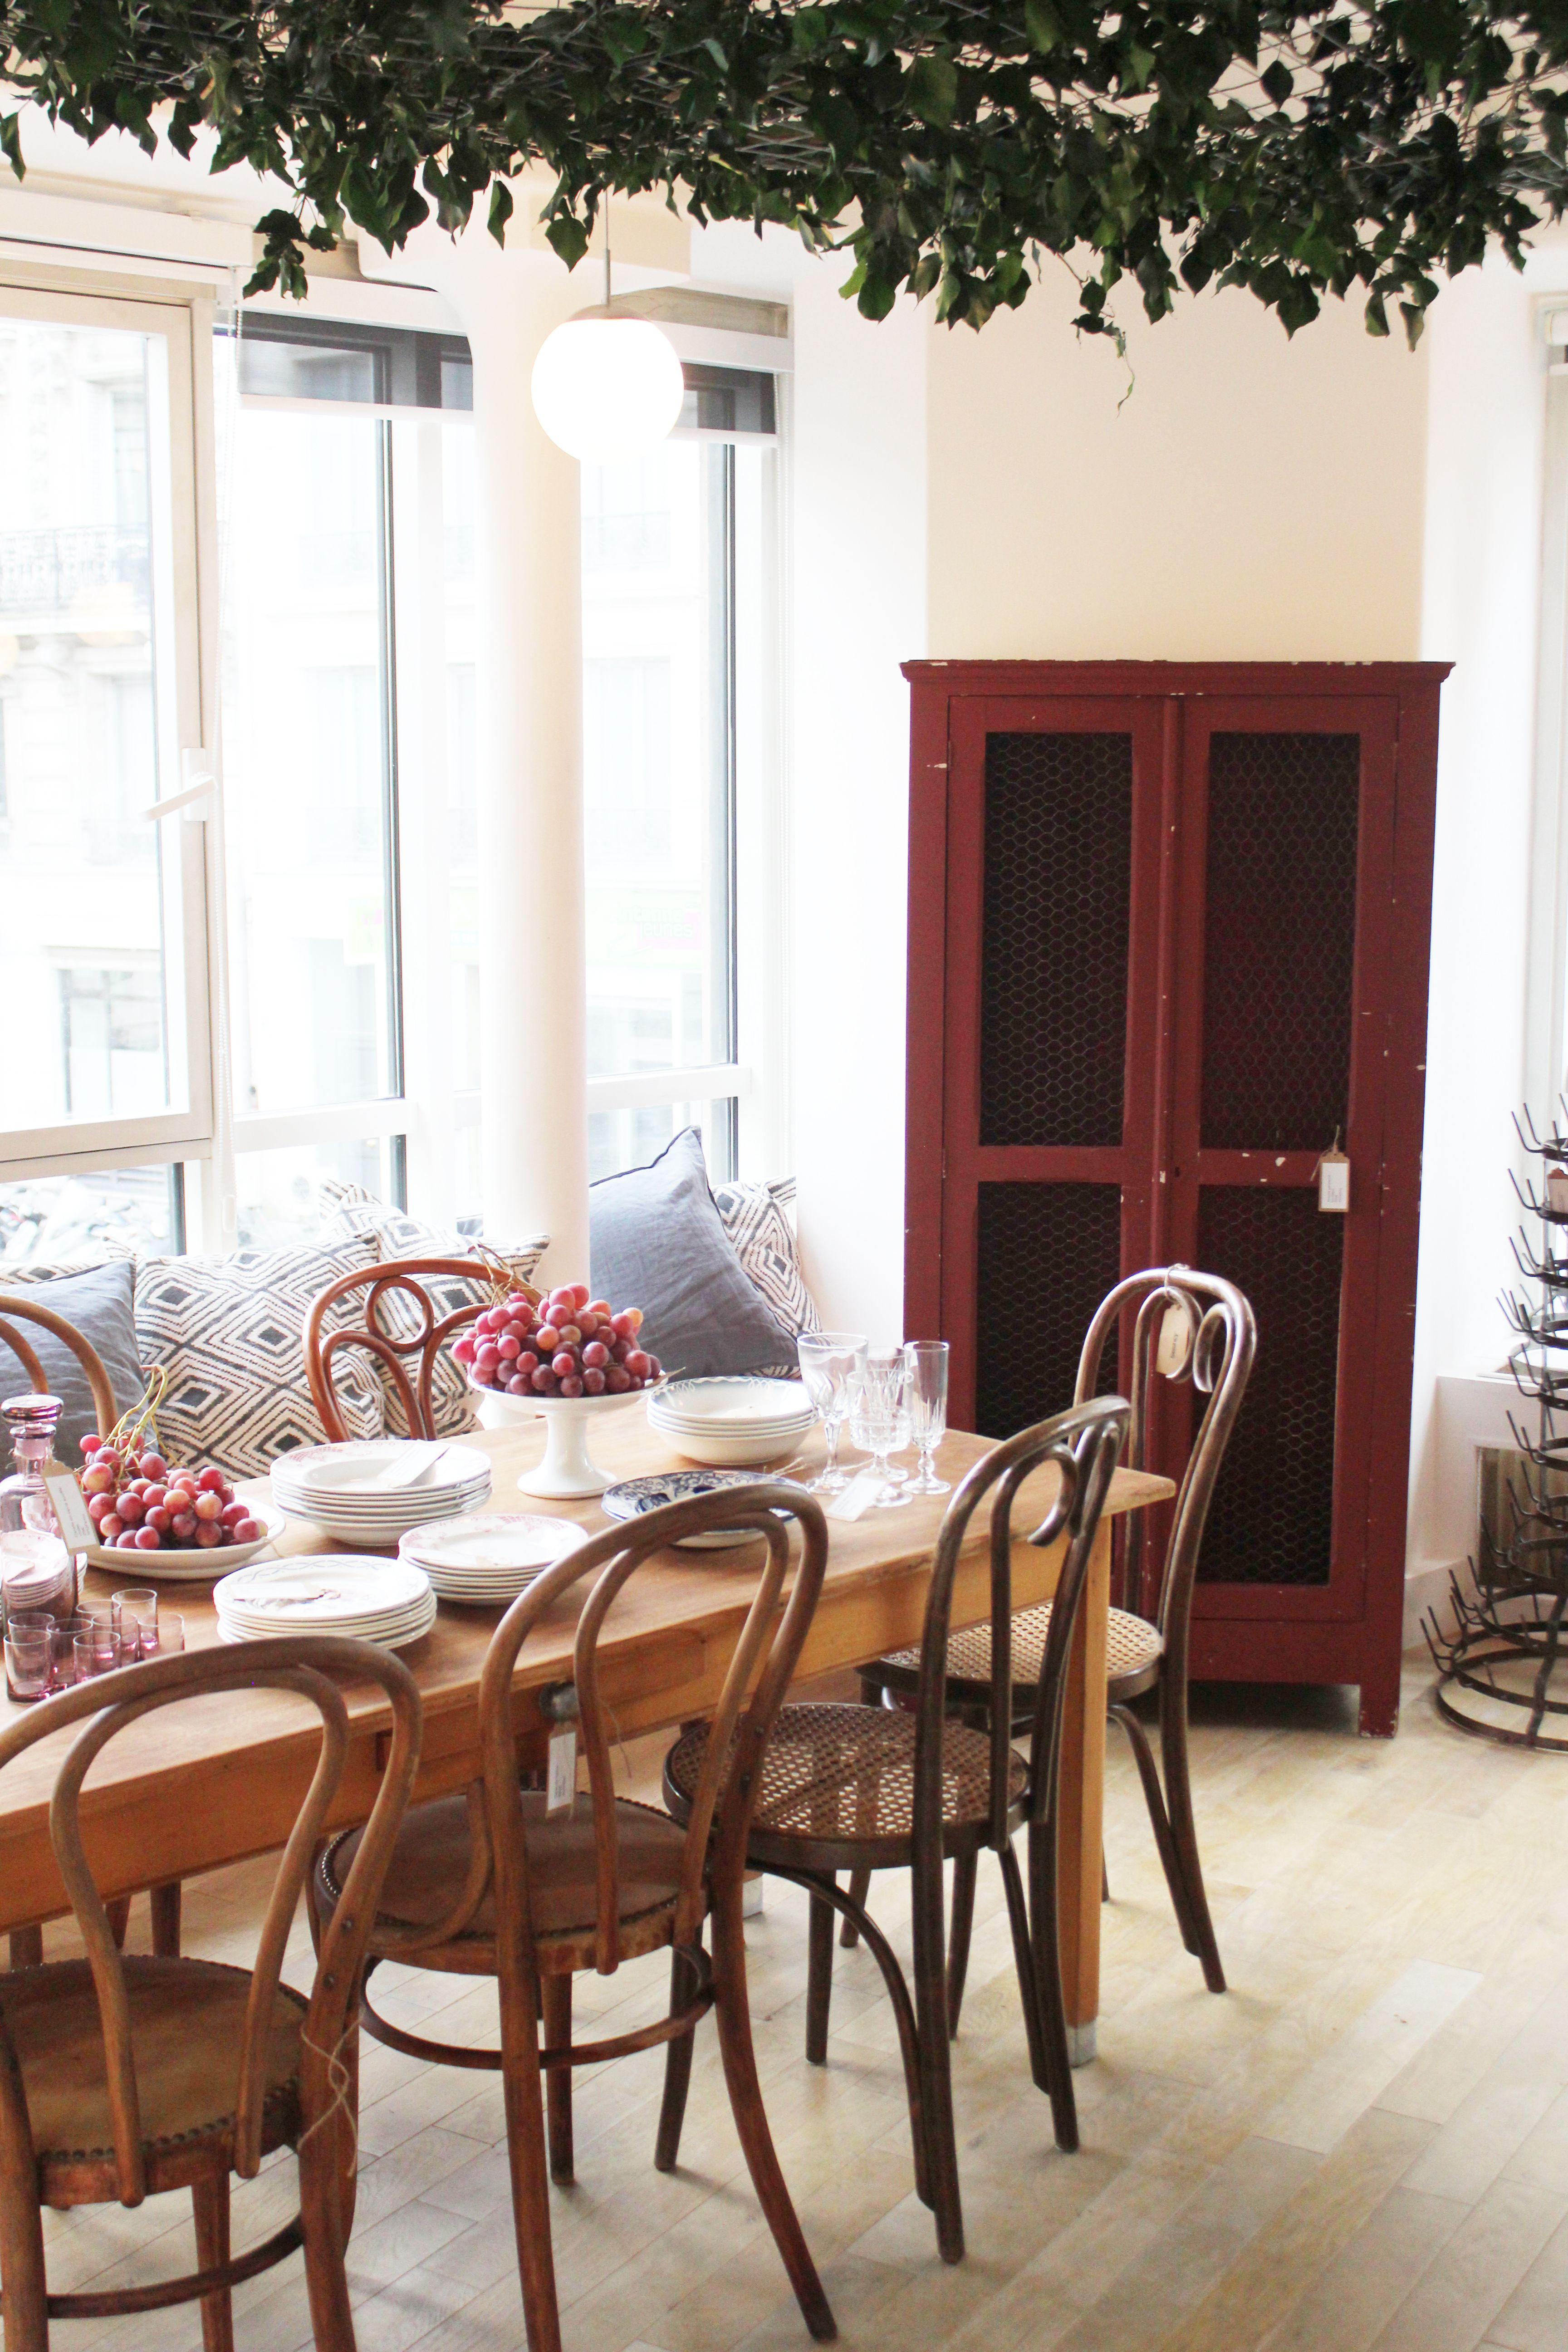 Brocante En Ligne Selency pop up le temps des vendanges, armoire rouge, plafond